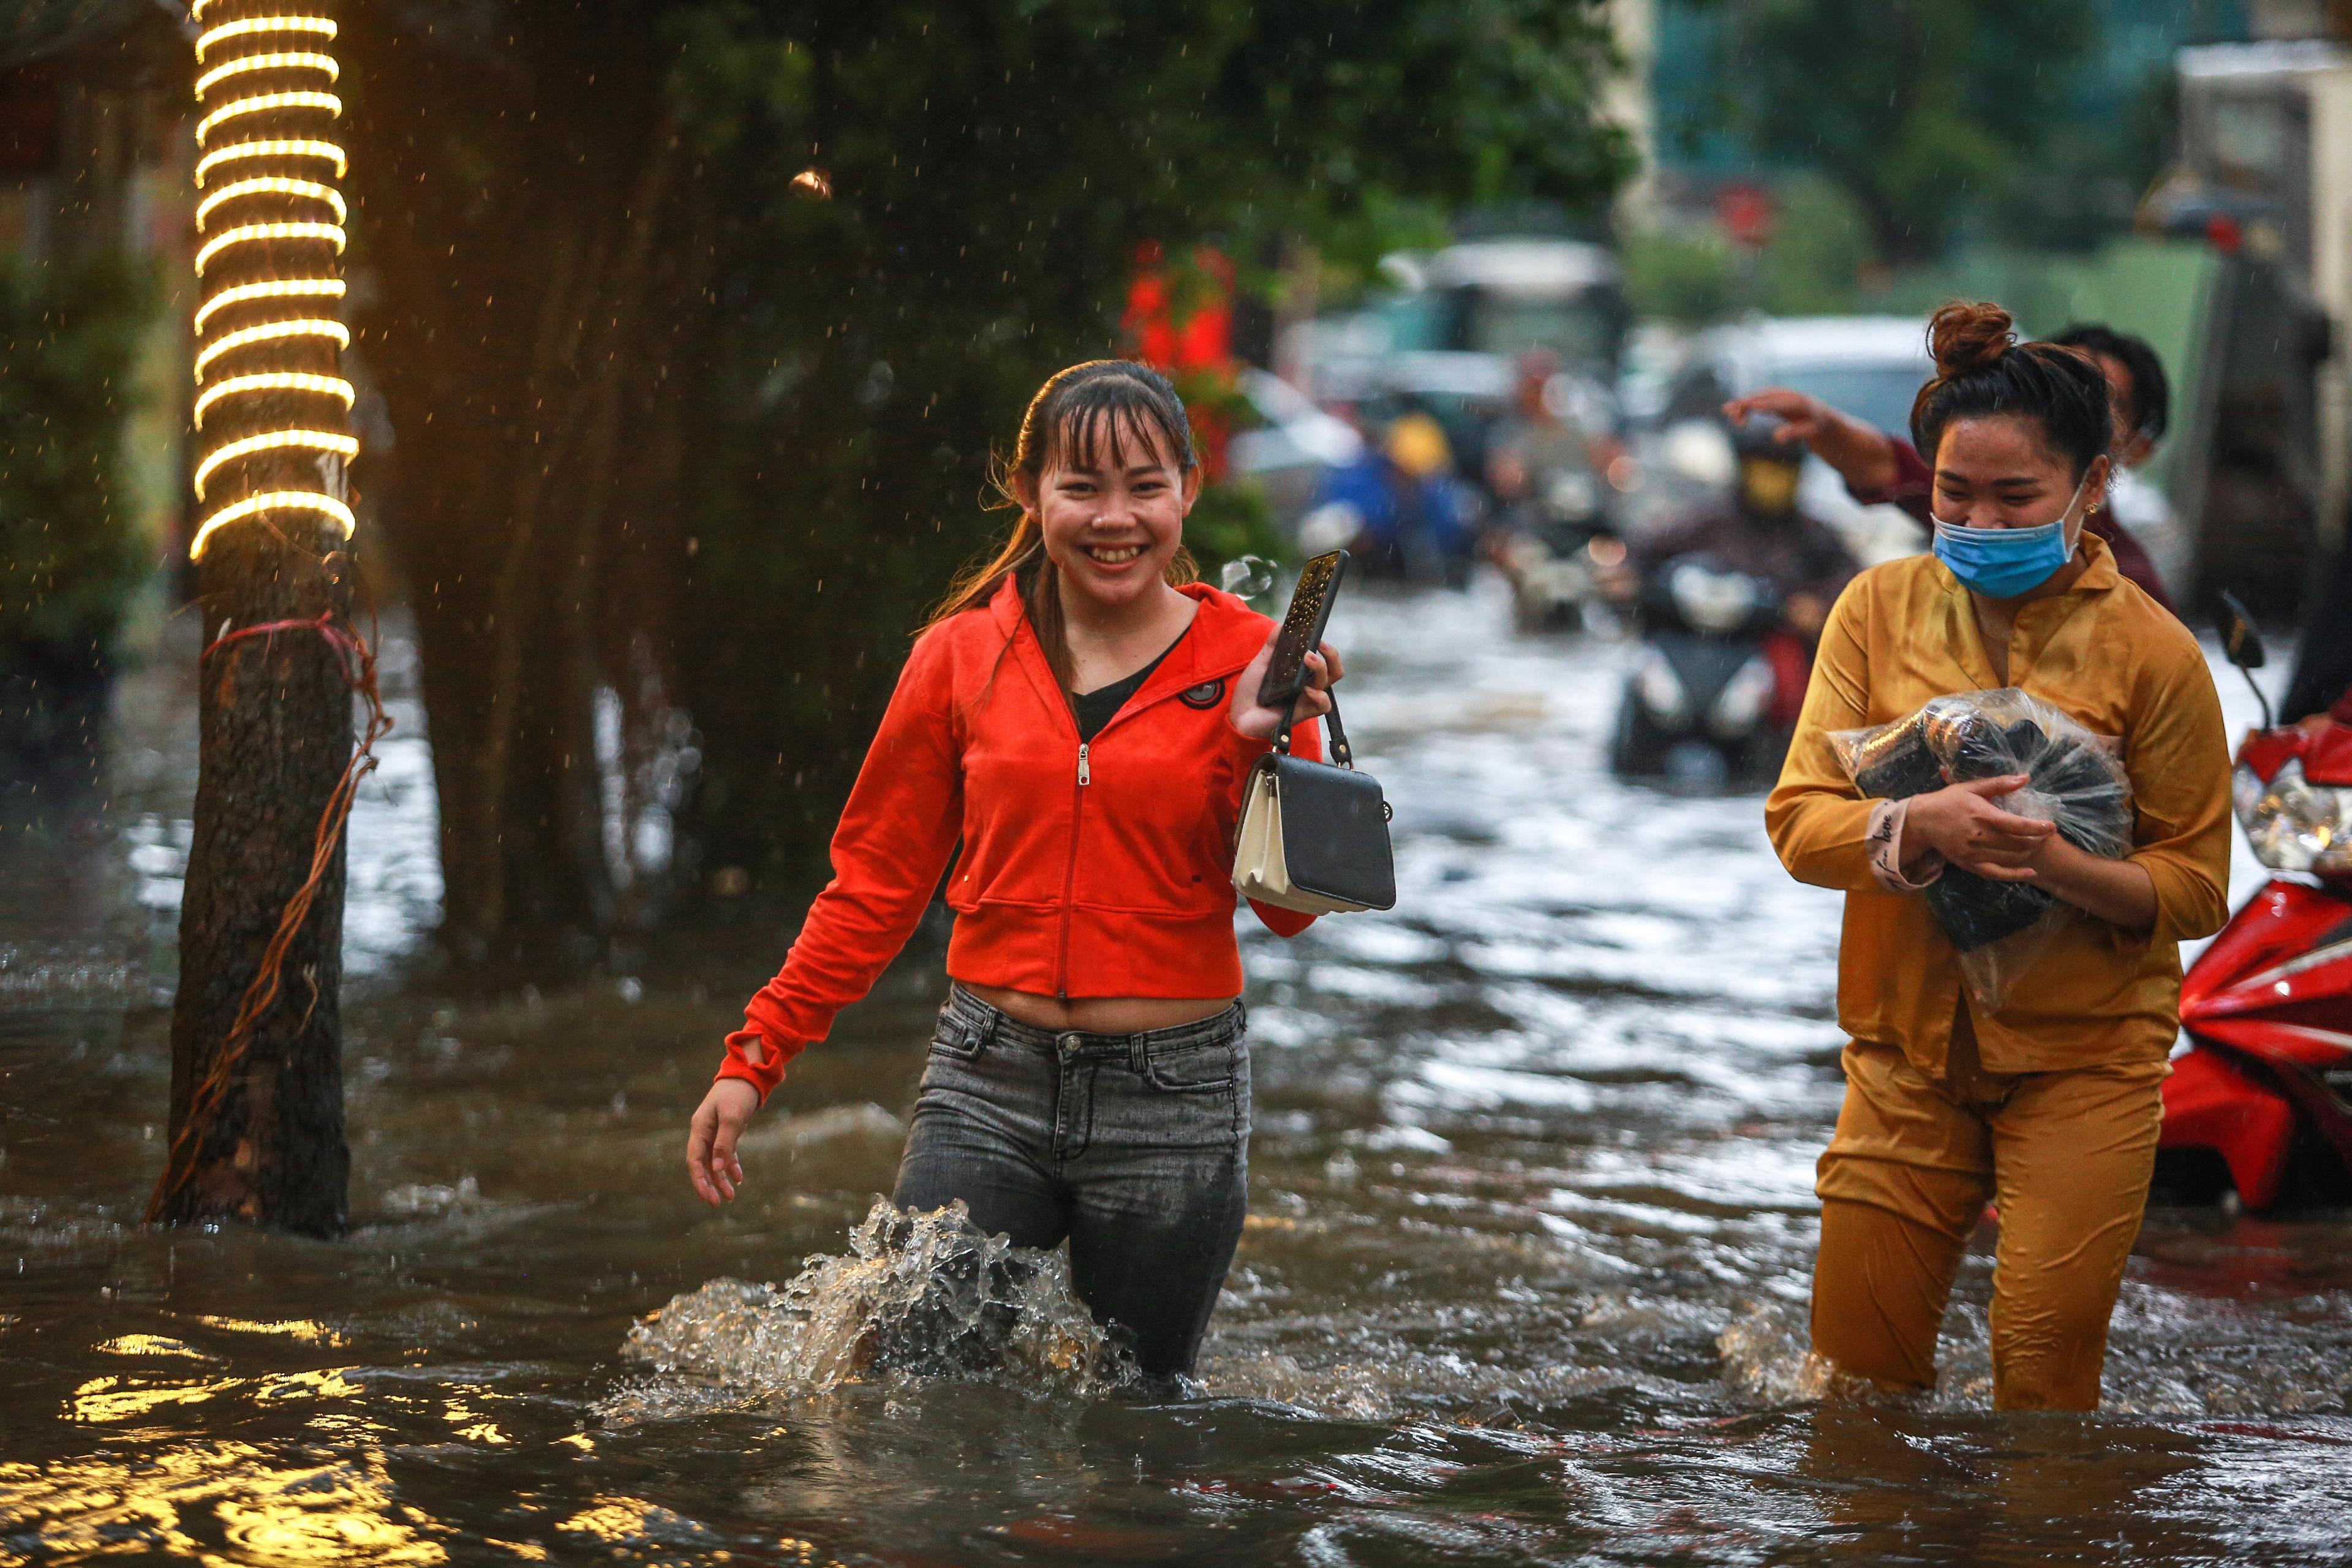 Người Sài Gòn chôn chân trong mưa lớn, ô tô, xe máy không nhúc nhích, giao thông hỗn loạn - Ảnh 4.